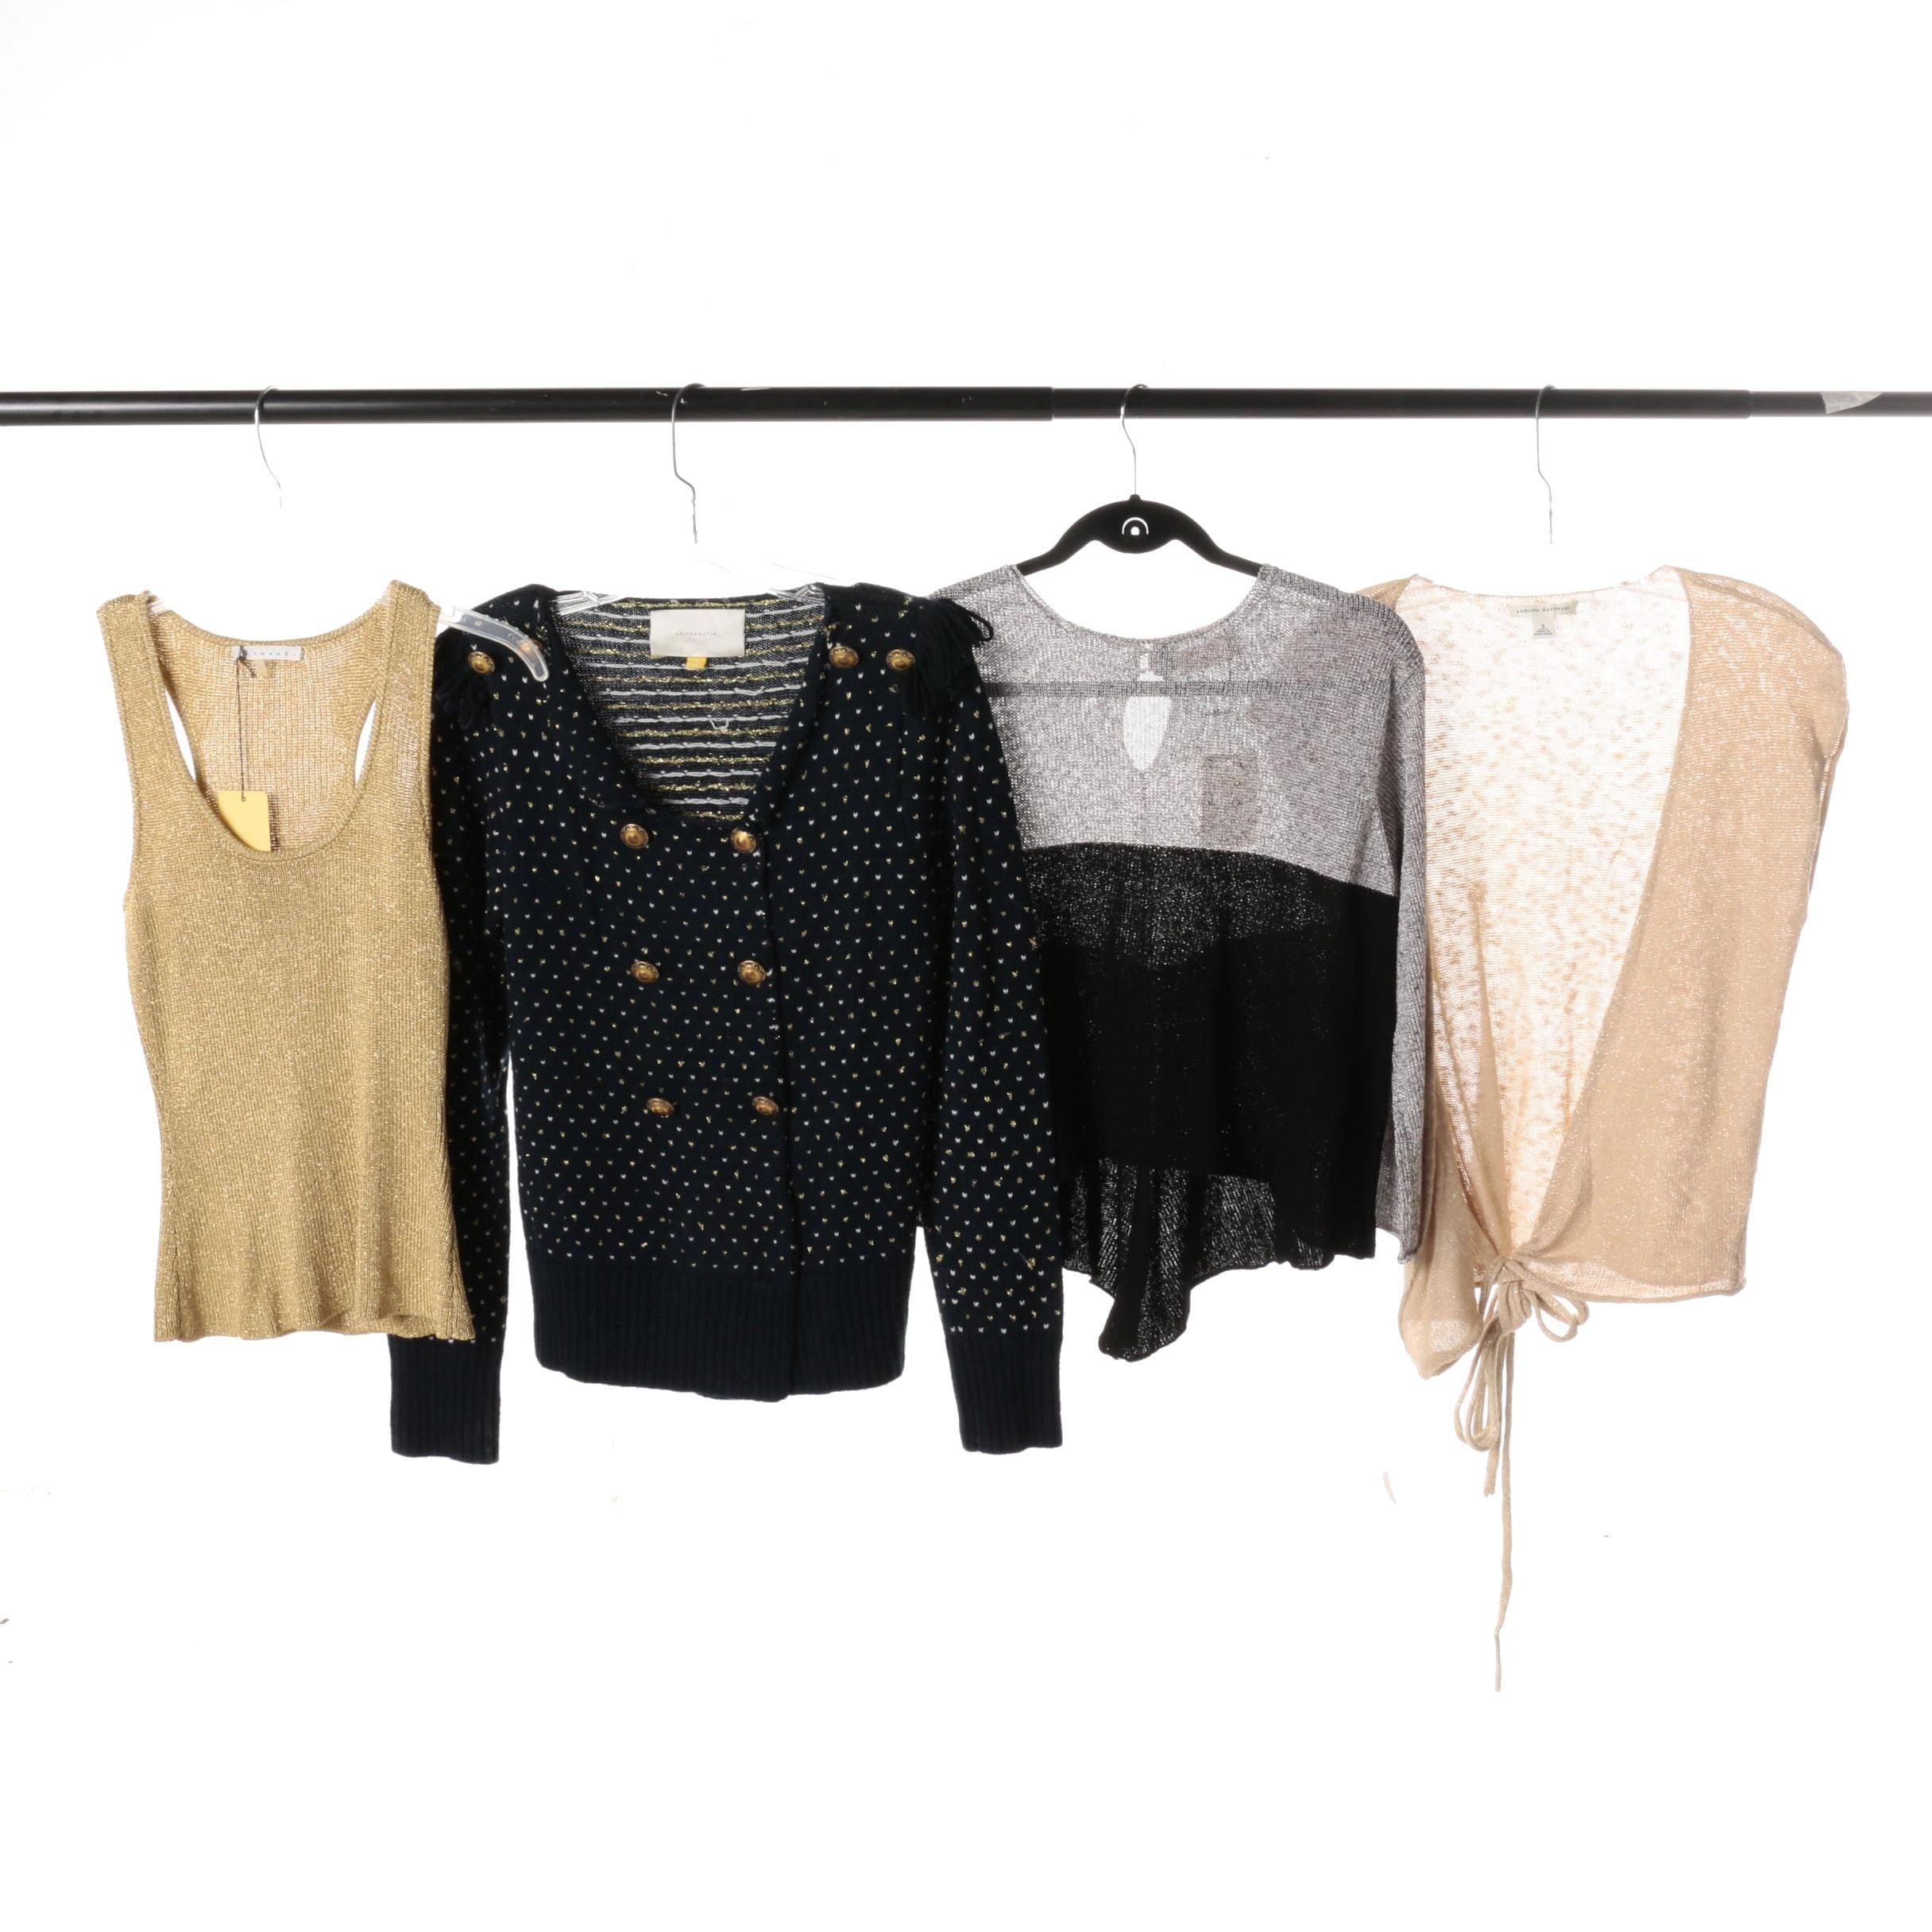 Women's Knitwear Assortment